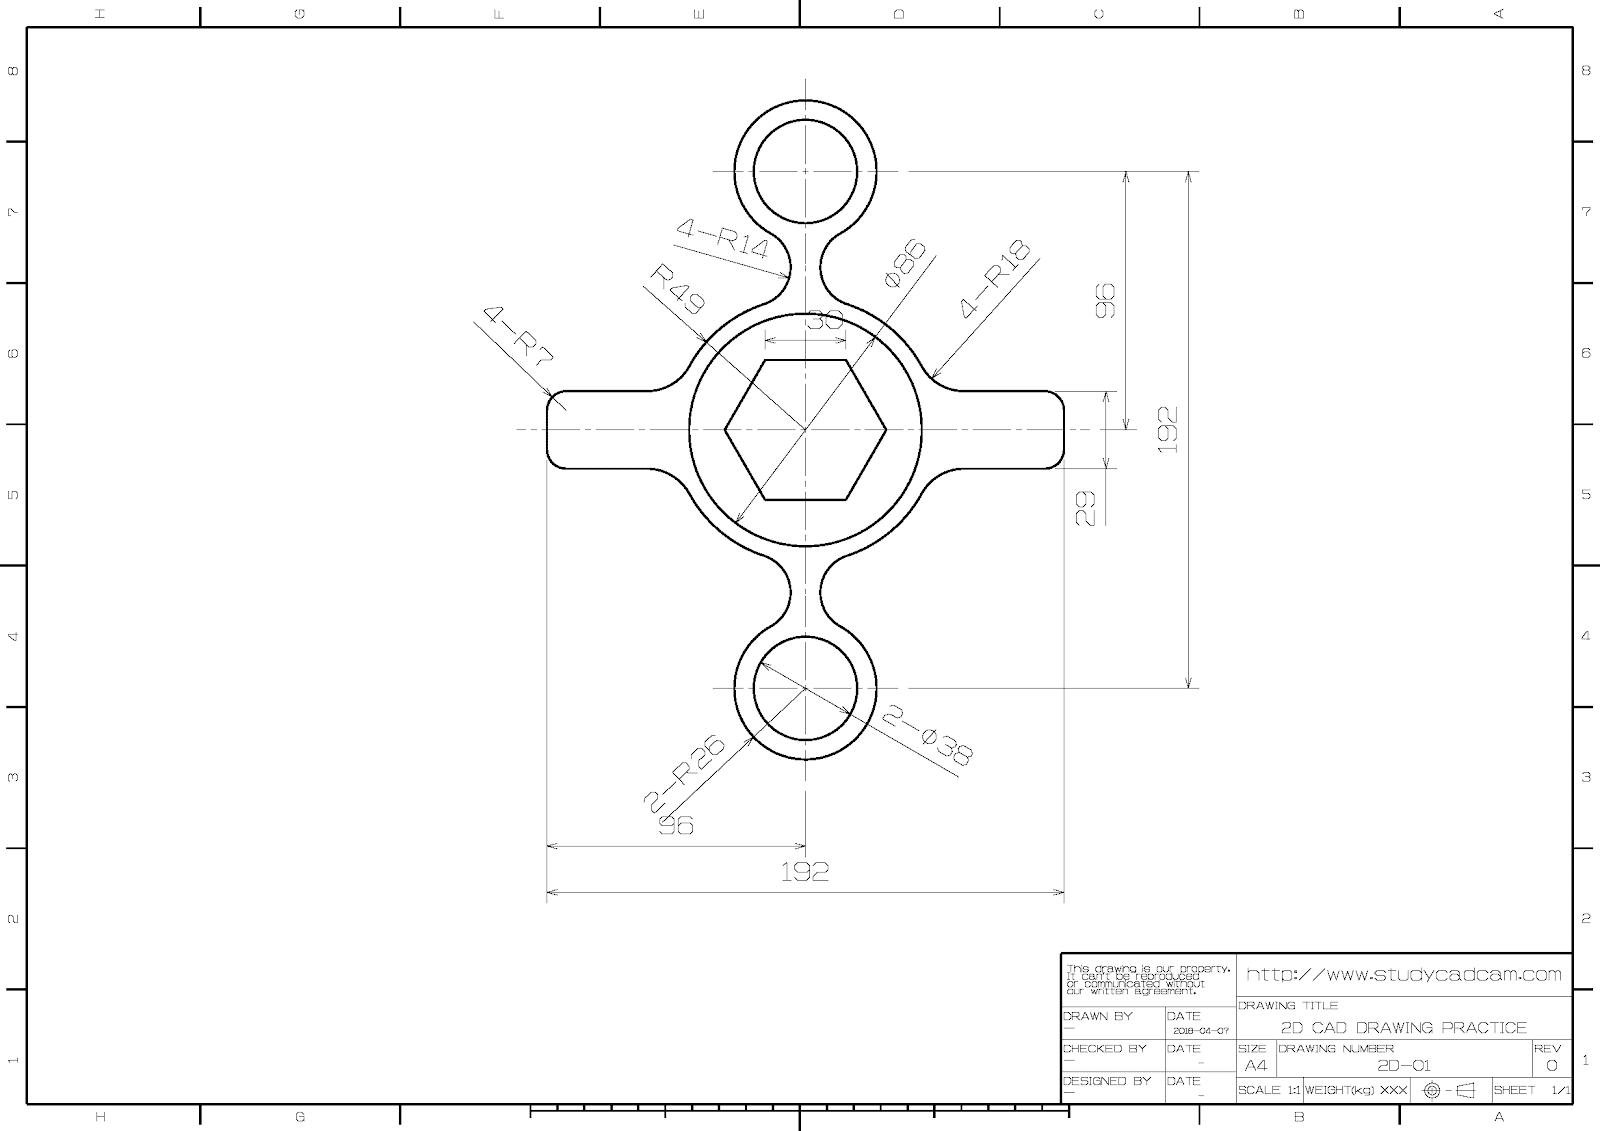 dessin sldprt